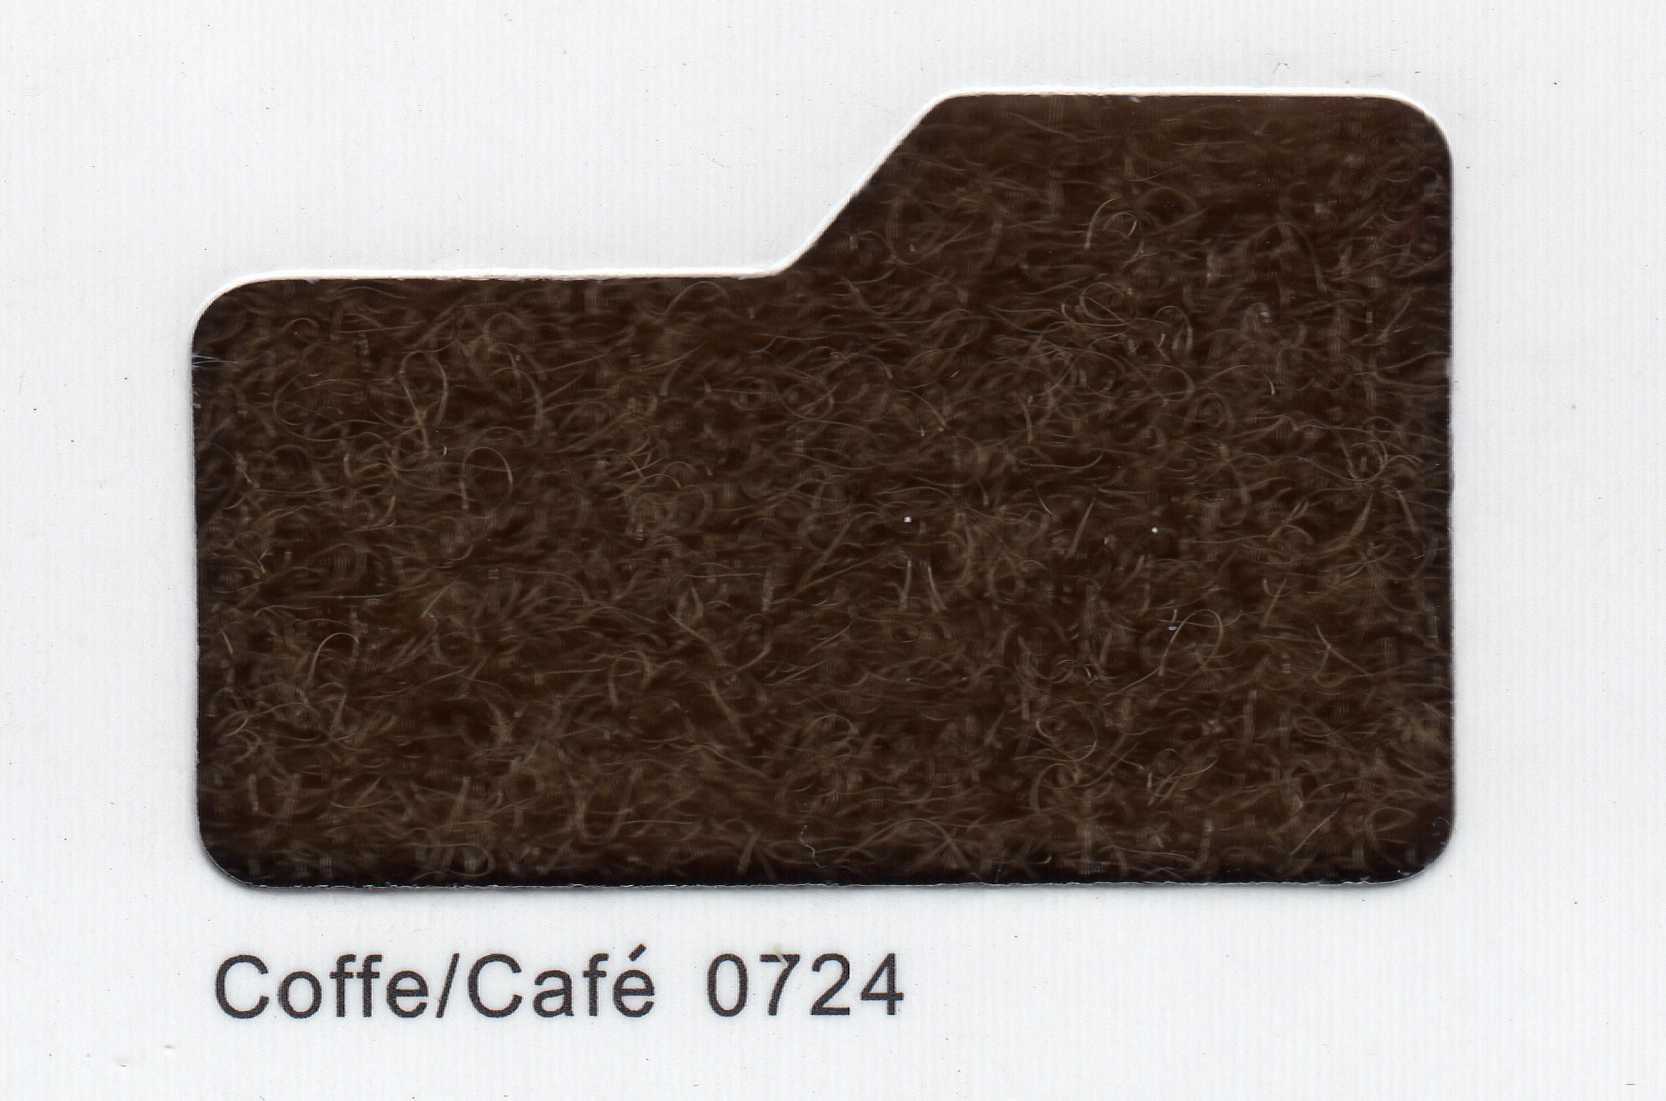 Cinta de cierre Velcro-Veraco 20mm Café 0724 (Gancho).